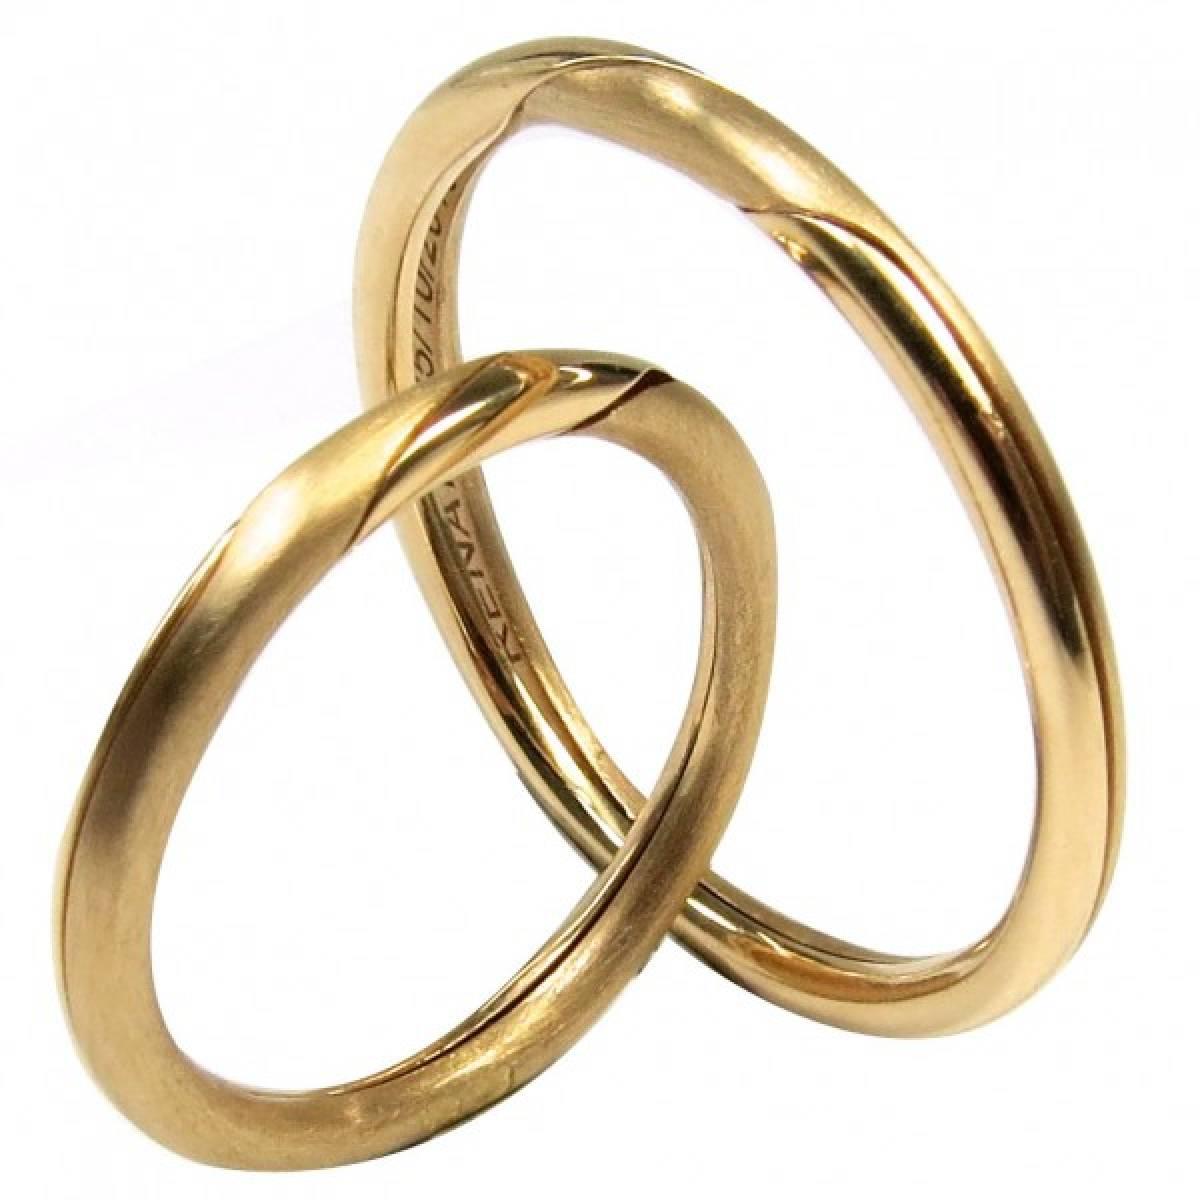 Alianças de casamento de abrir em ouro amarelo de 9 e 19 kts